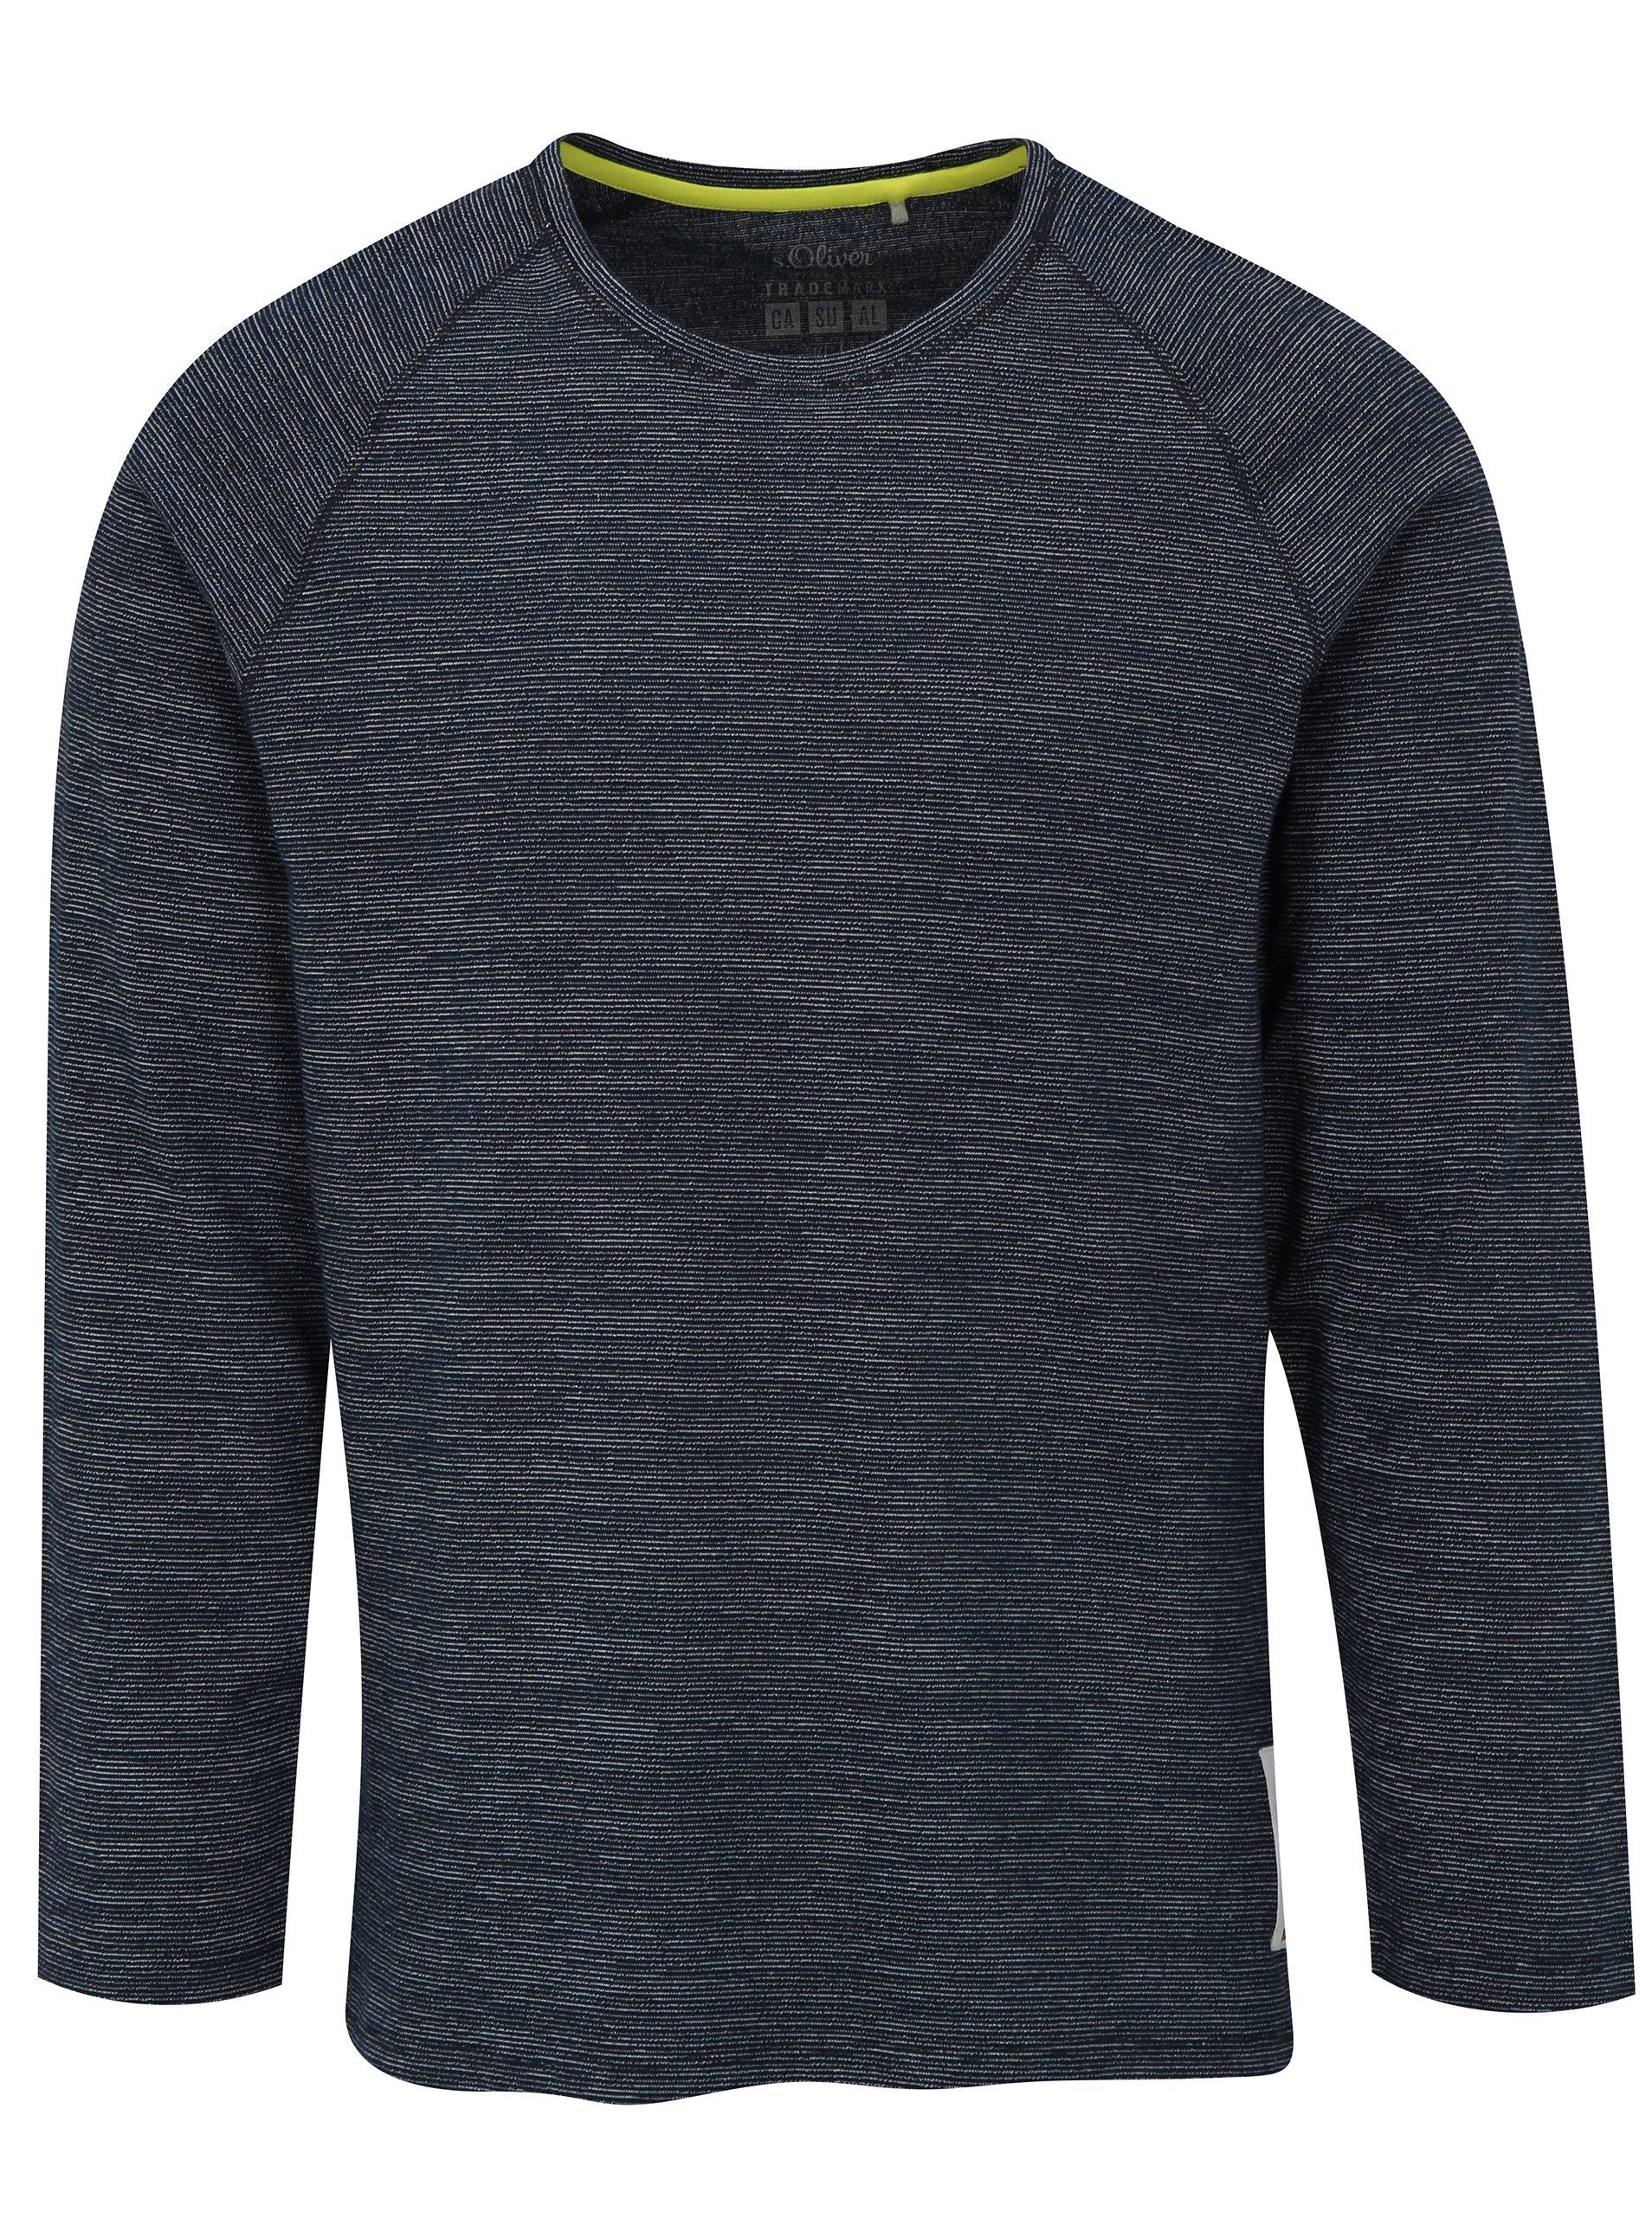 65b5aeddcec4 Tmavomodré pánske pruhované tričko s dlhým rukávom s.Oliver